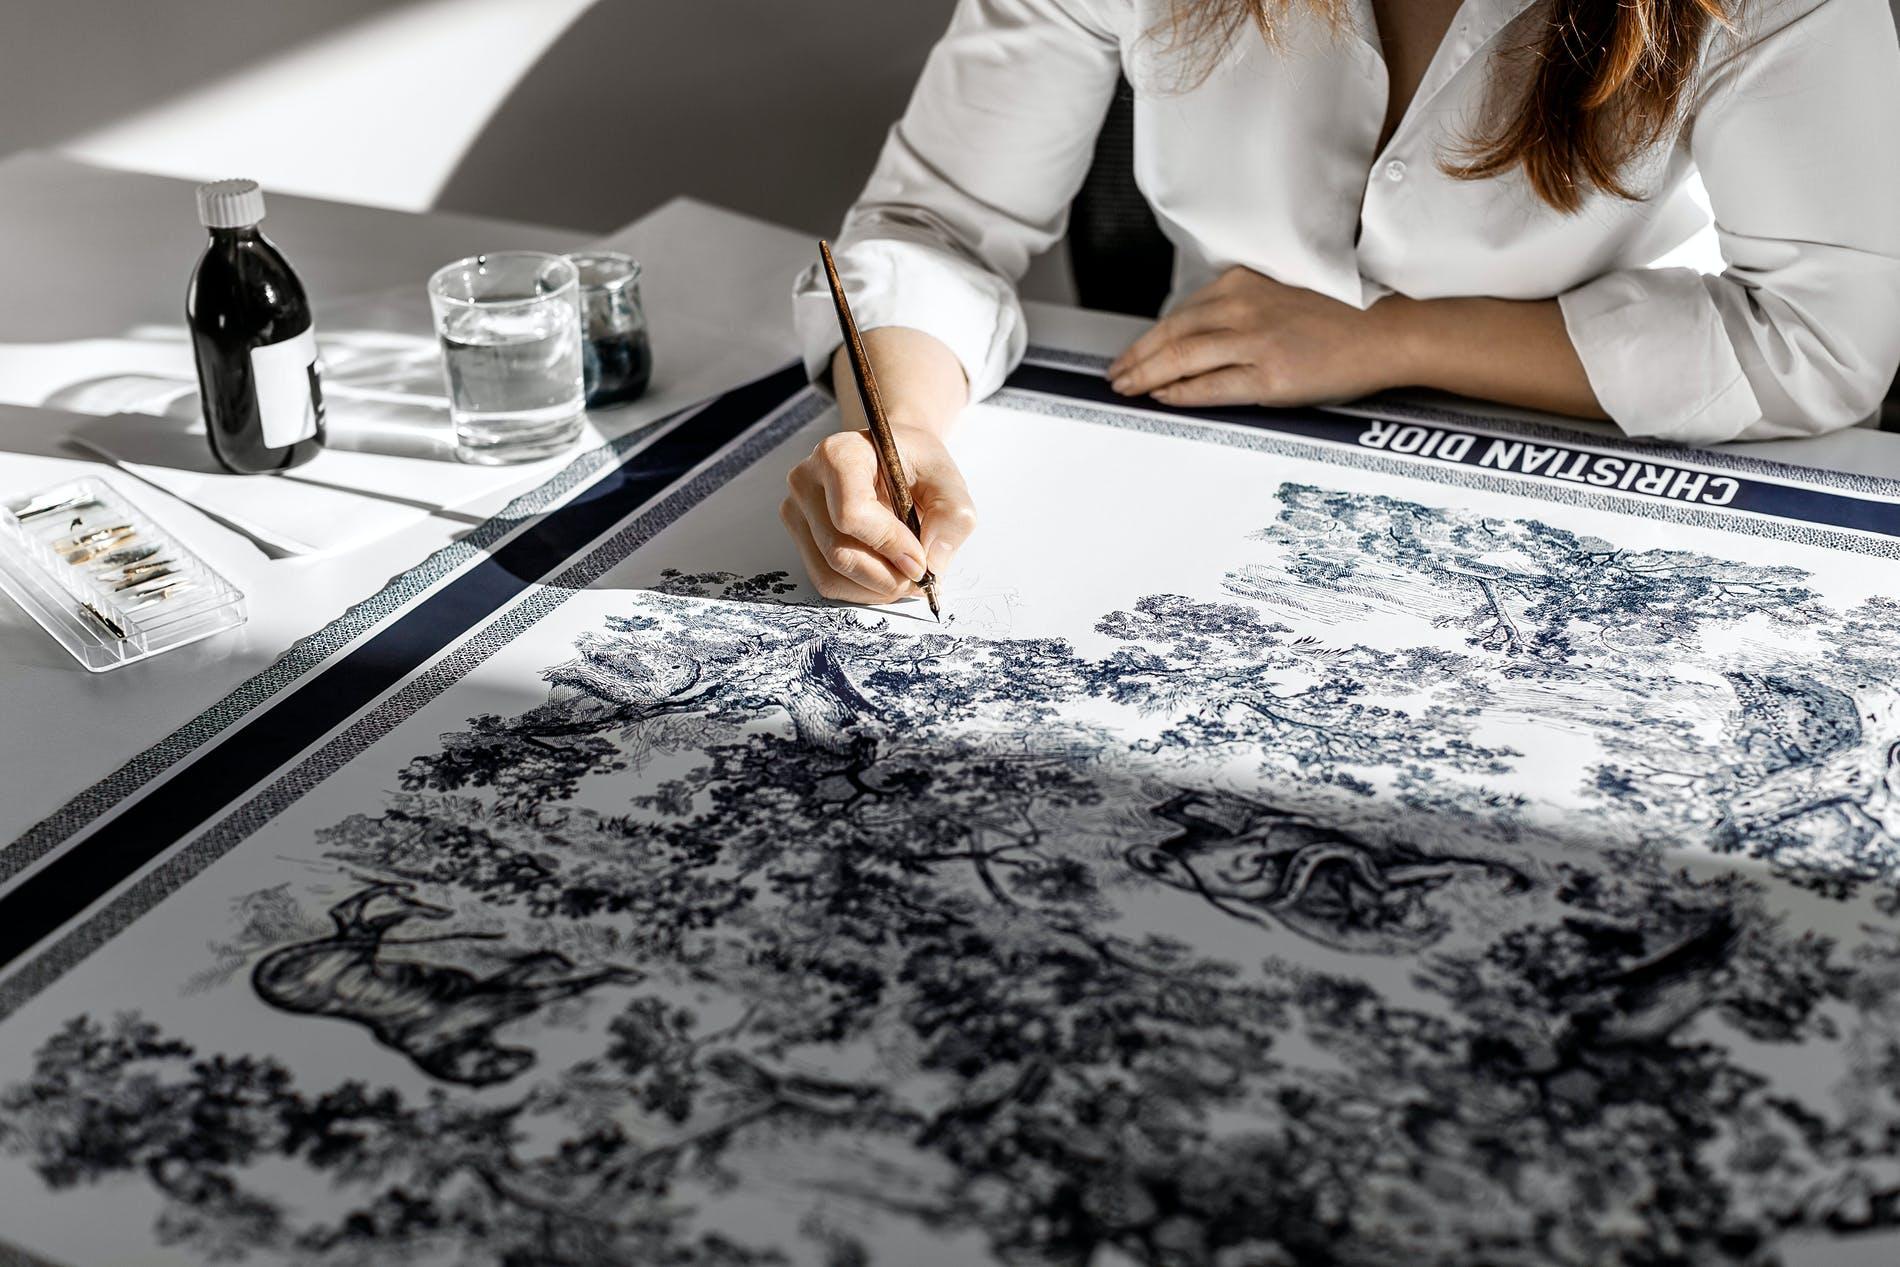 Dior apresenta nova coleção de lenços. Vem ver!